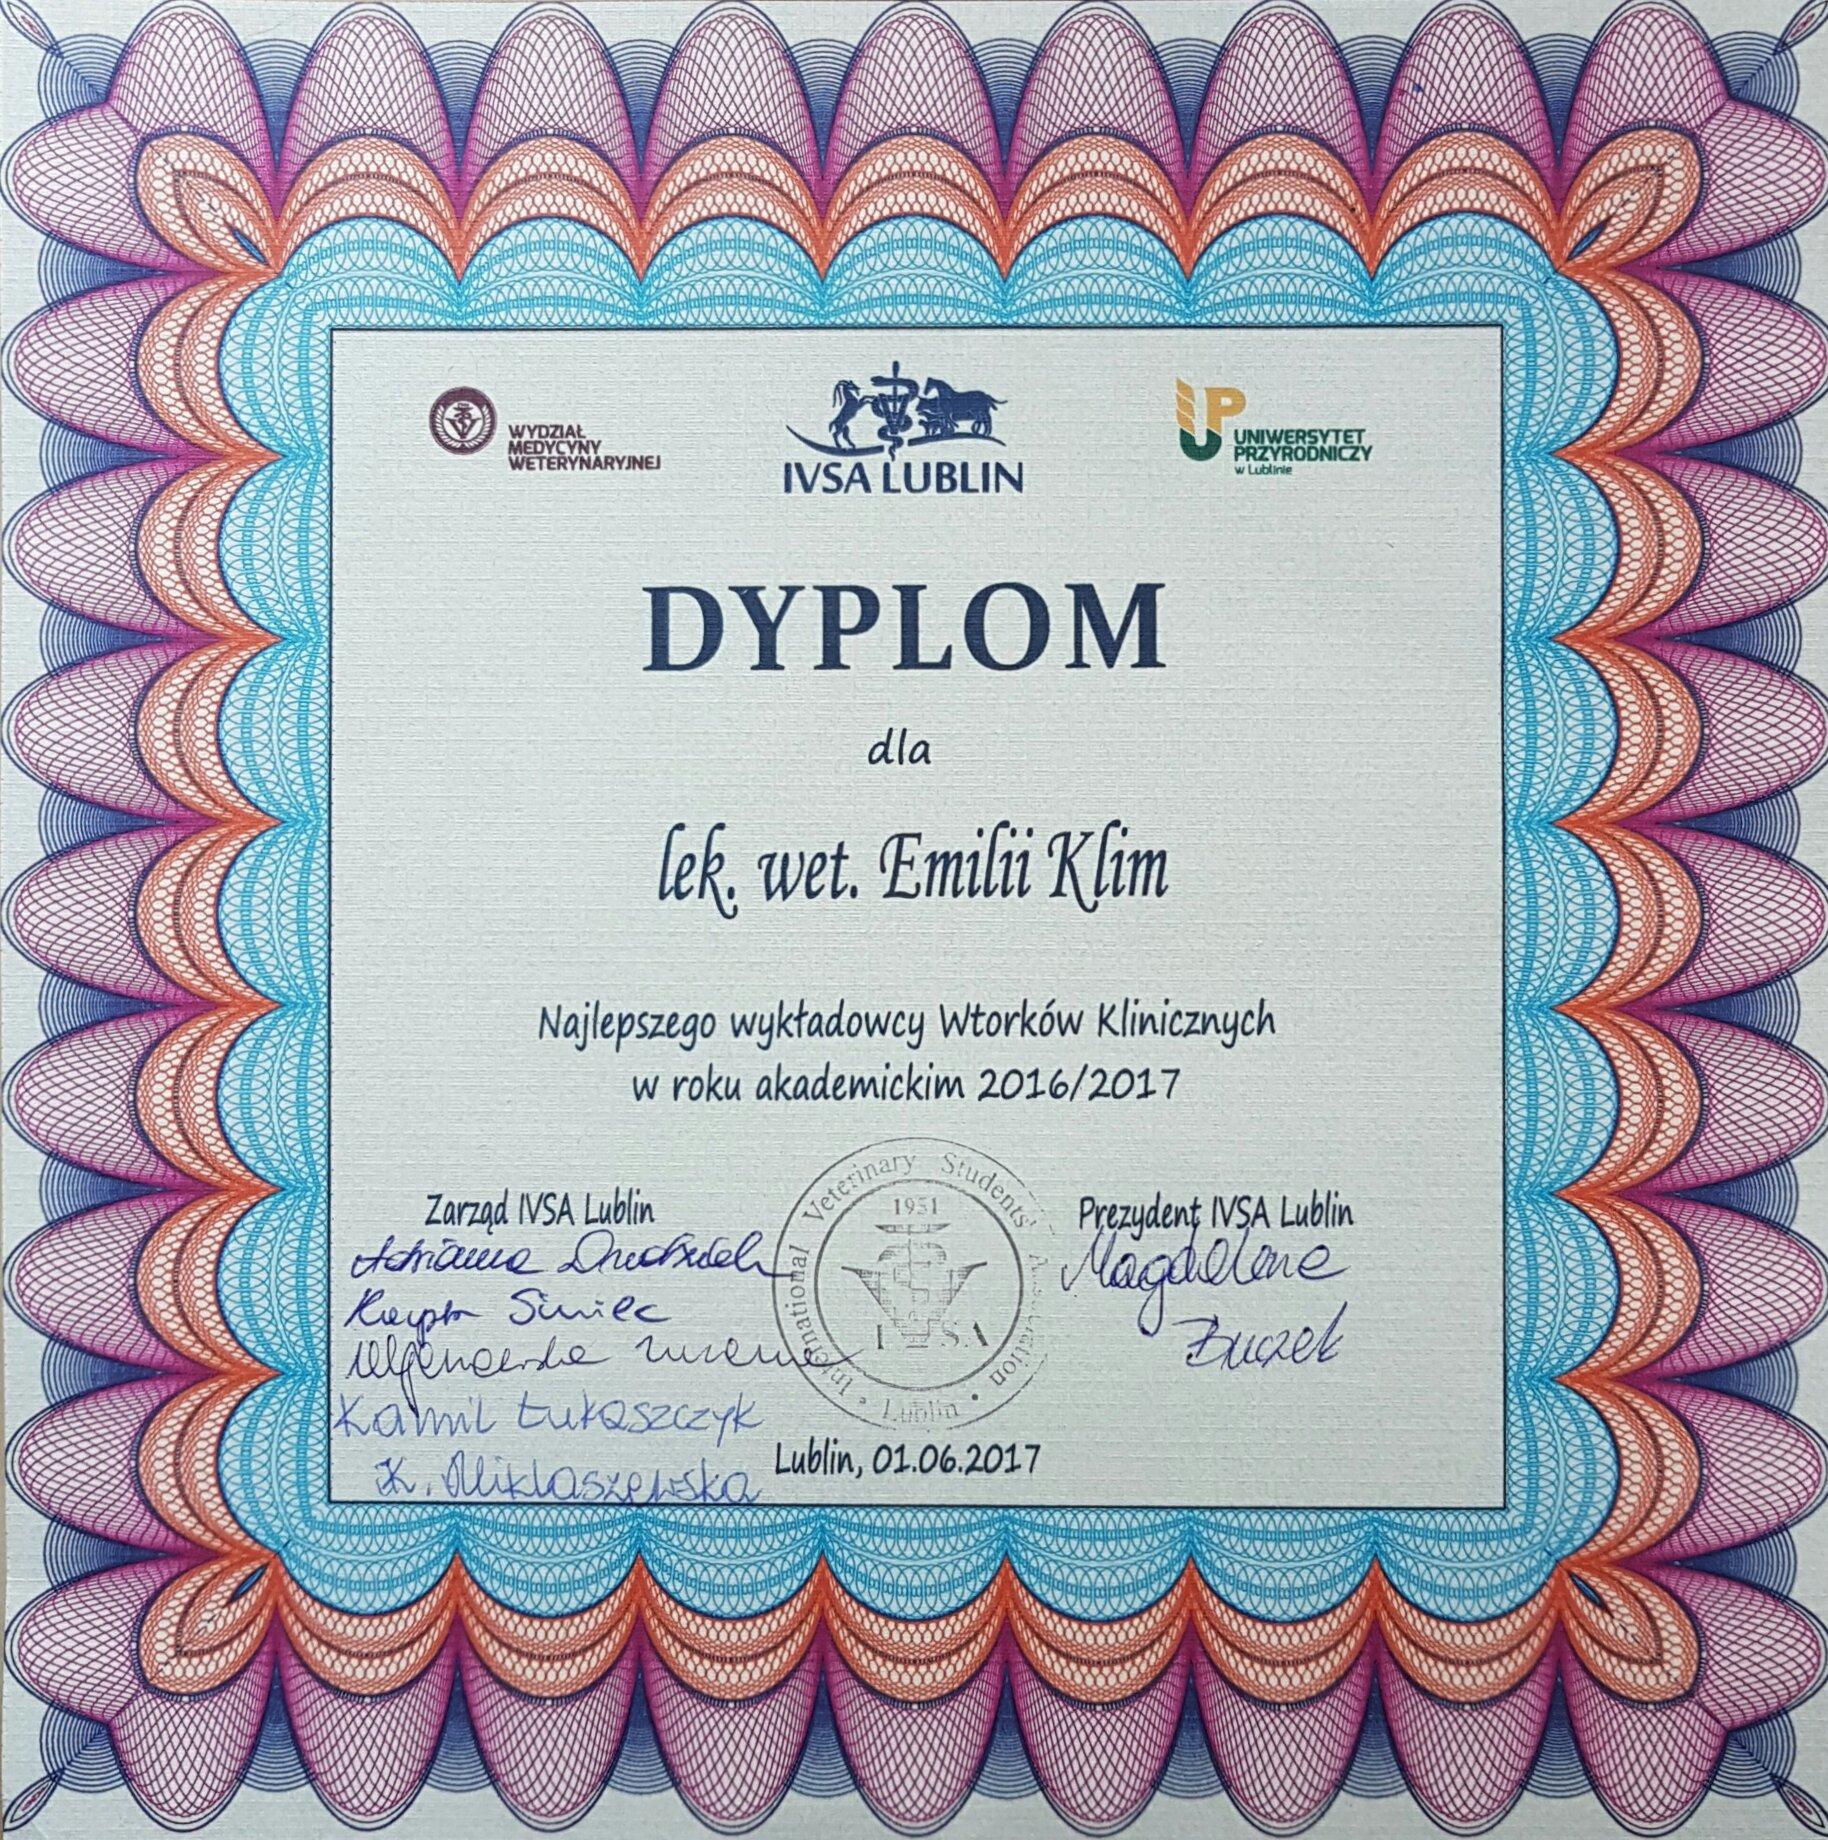 Dyplom dla najlepszego wykładowcy Wtorków Klinicznych w roku akademickim 2016/2017